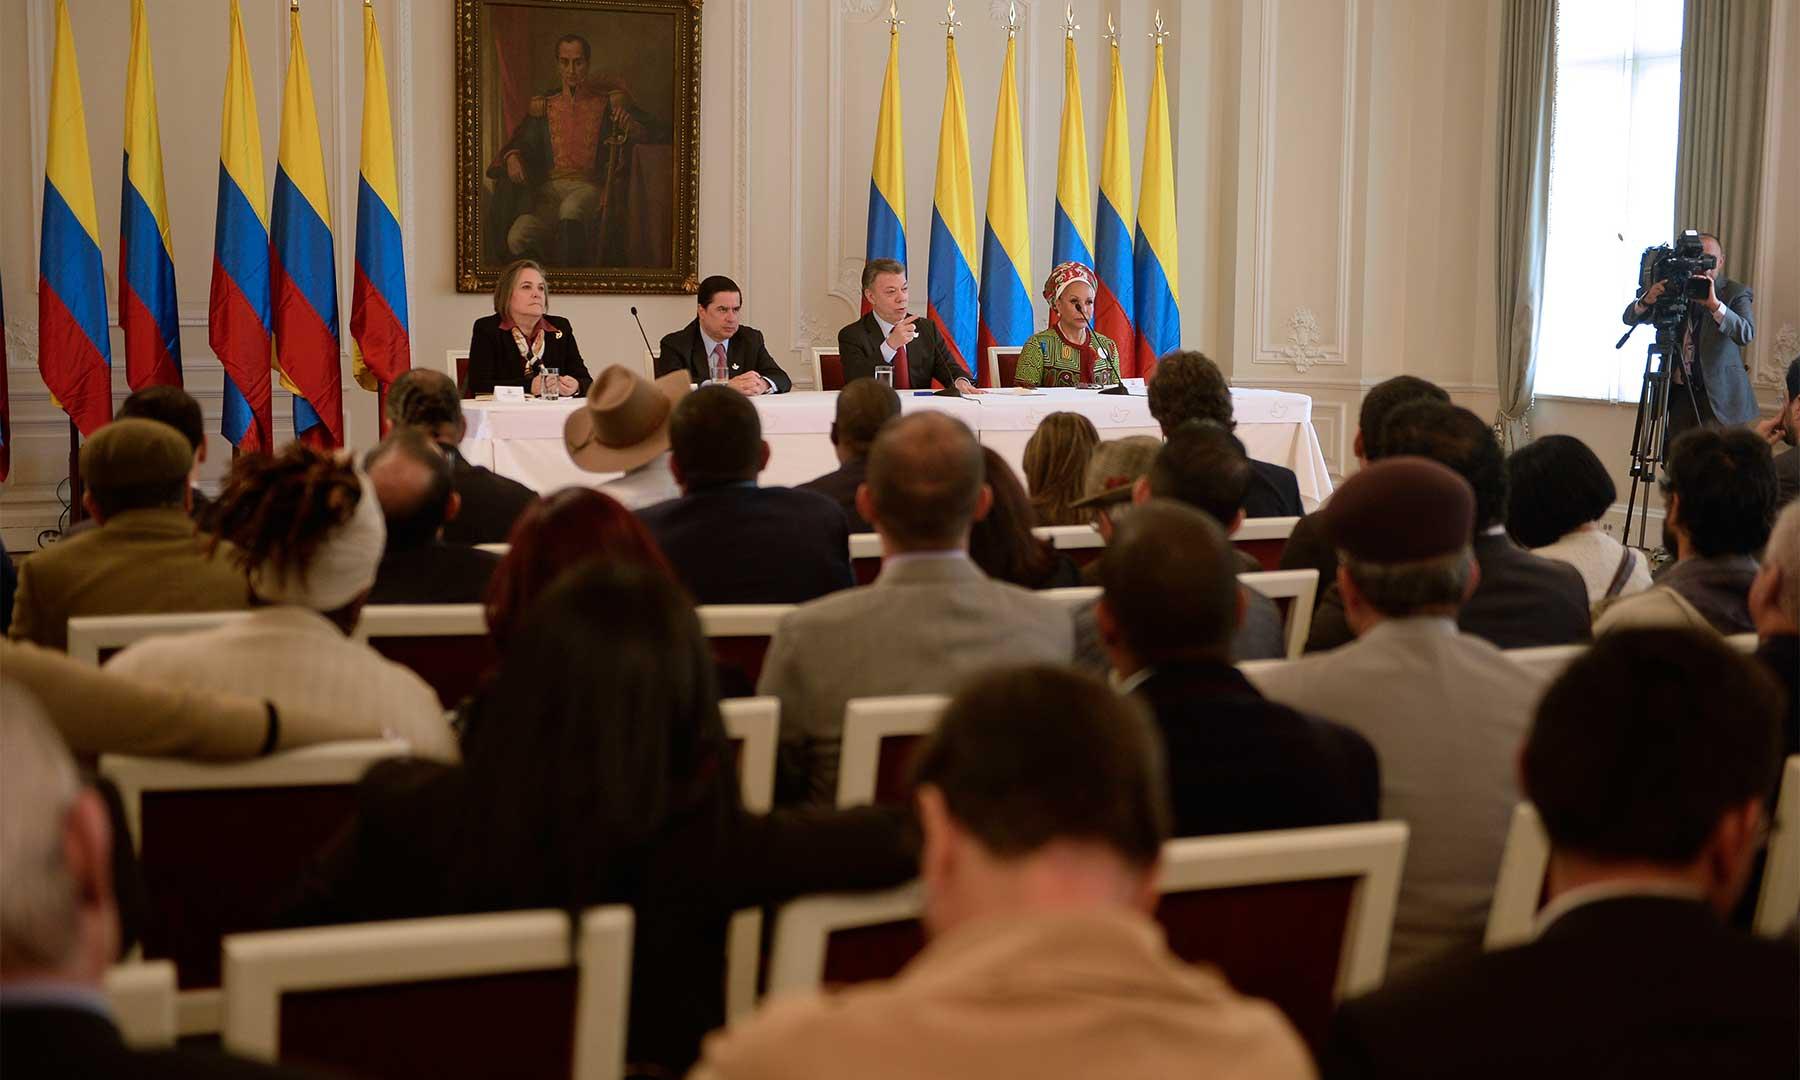 El Presidente Santos reconoció que los representantes de la izquierda y las organizaciones sociales han estado presentes y unidos en torno al propósito de lograr la paz para el país.